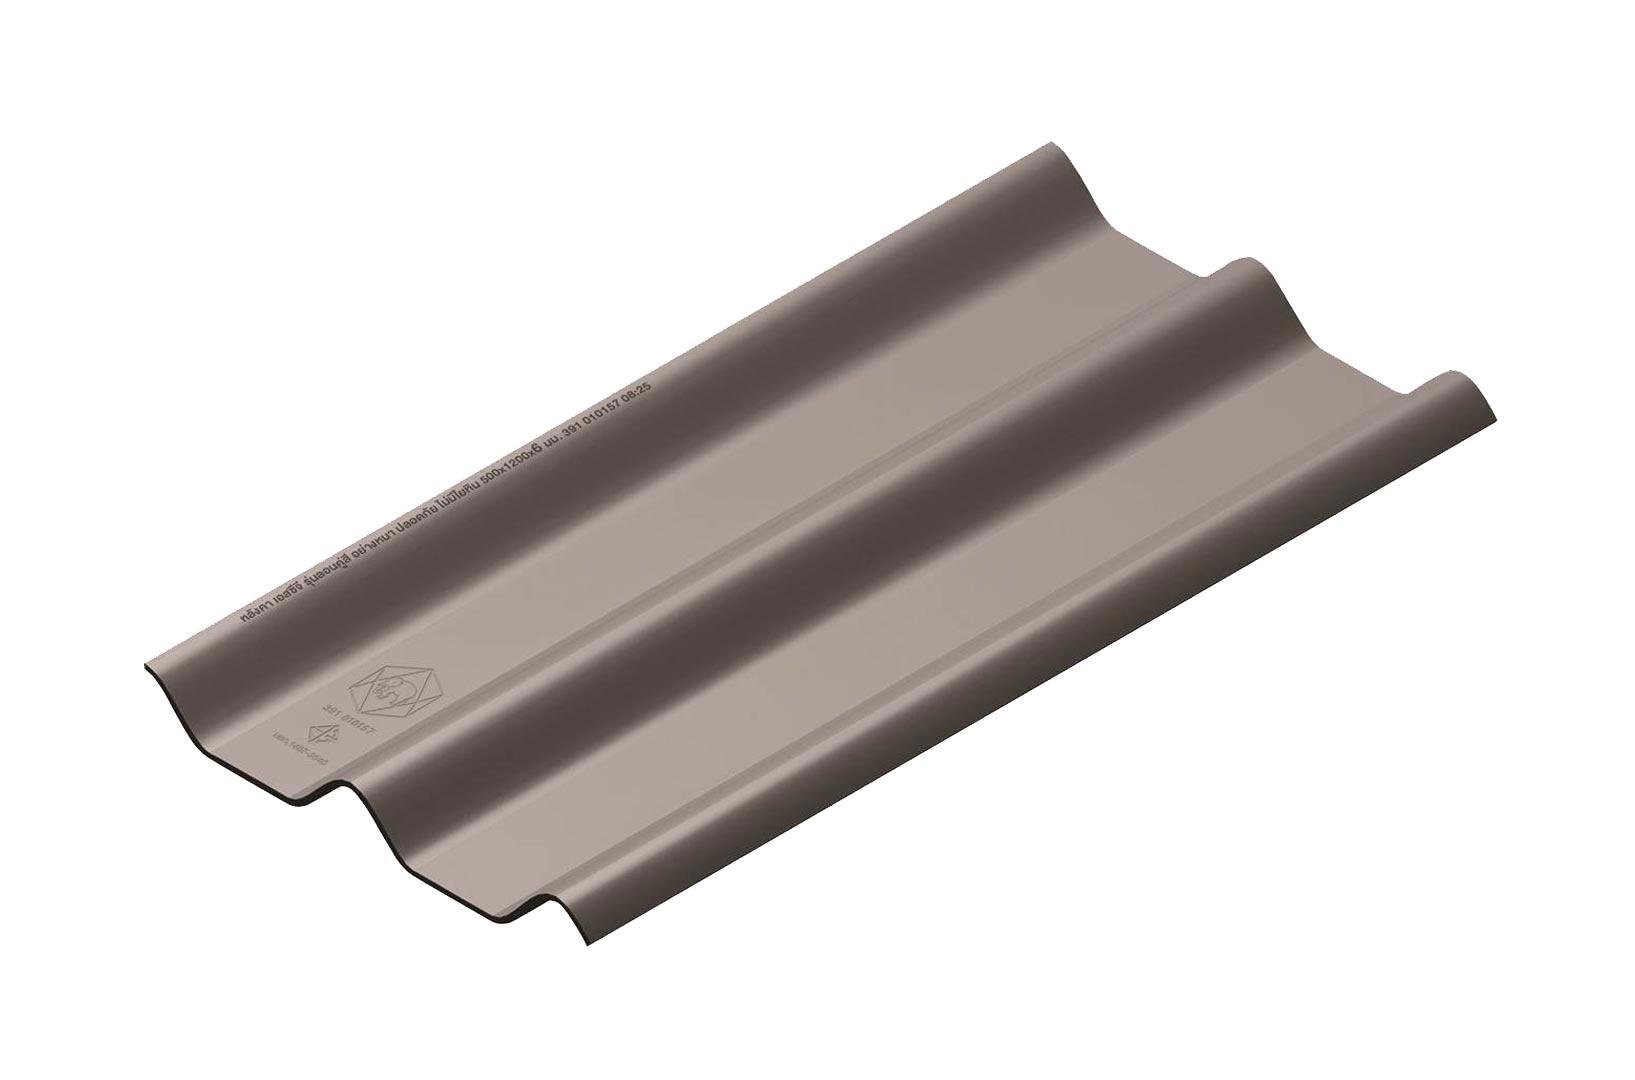 หลังคาไฟเบอร์ซีเมนต์ เอสซีจี รุ่น ลอนคู่ไฮบริด 50x150x0.55 สีเทาศิลา